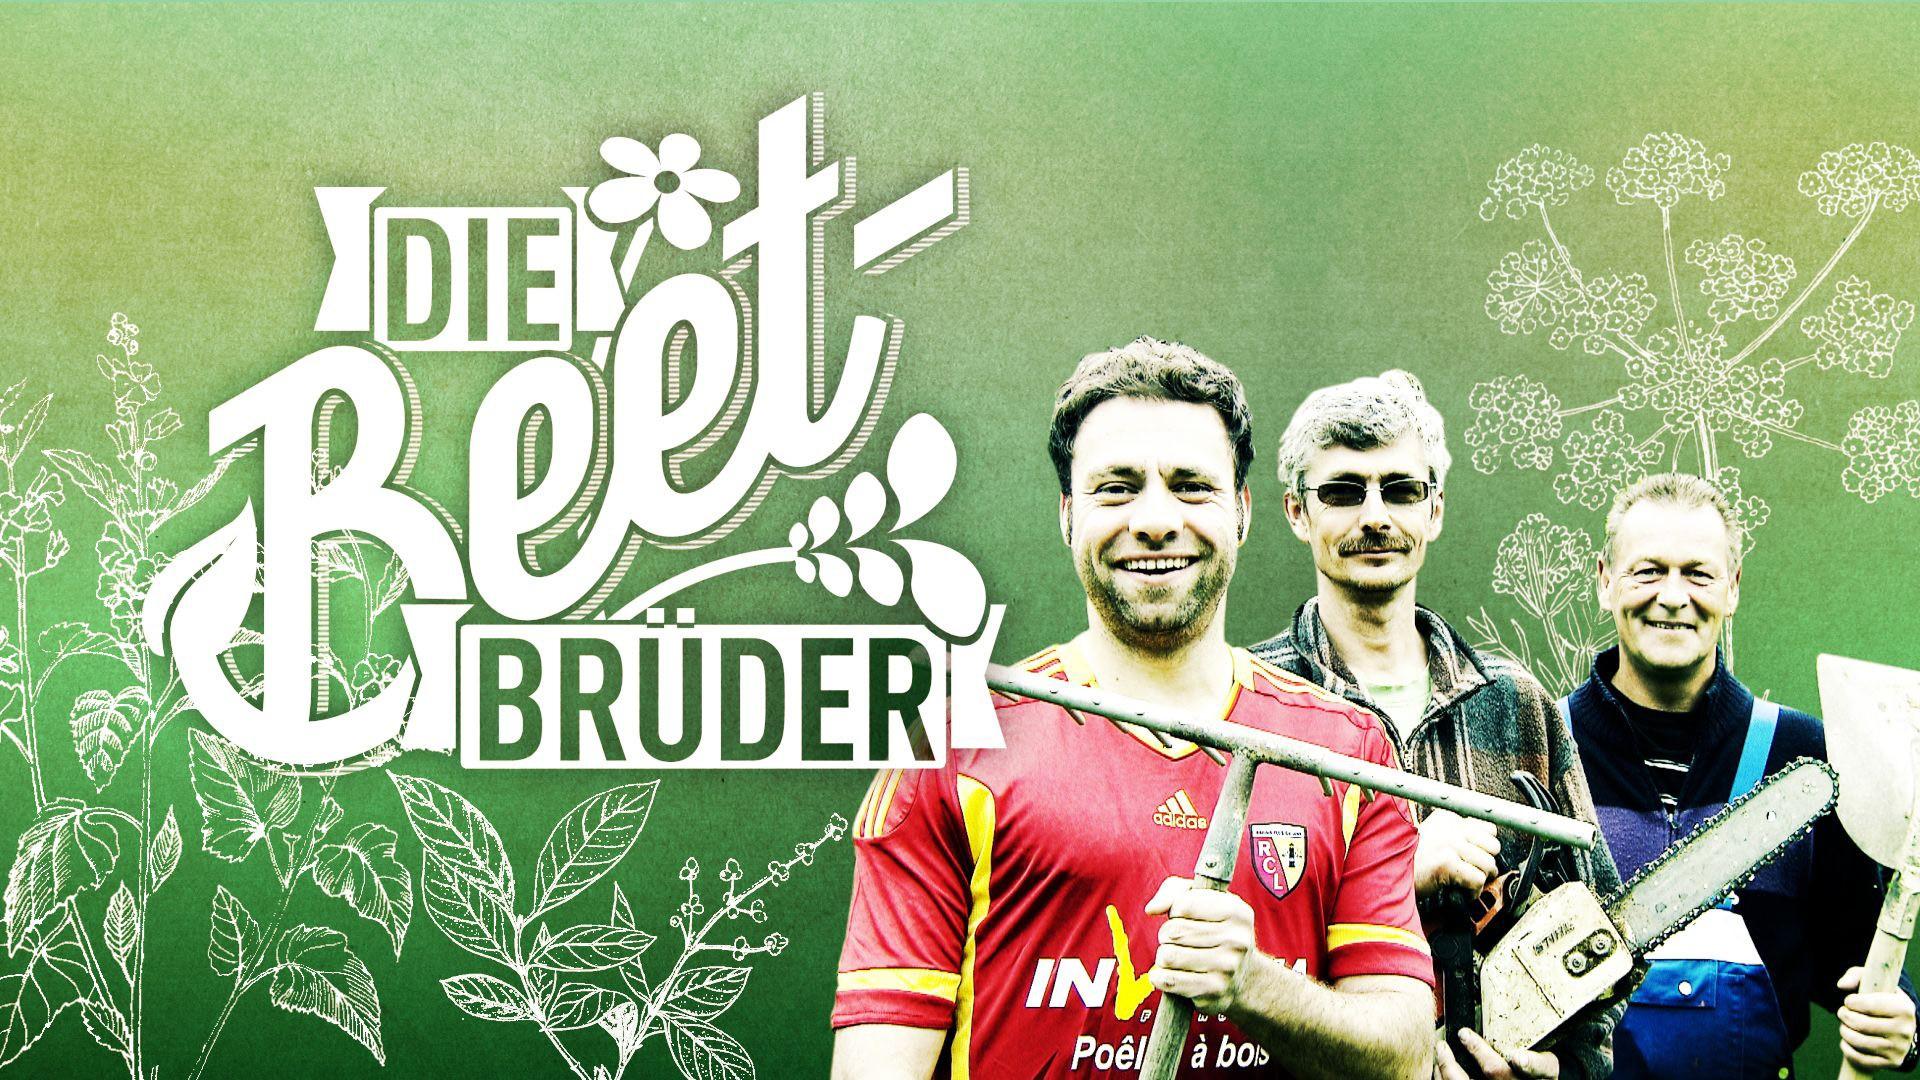 Beet-Brüder